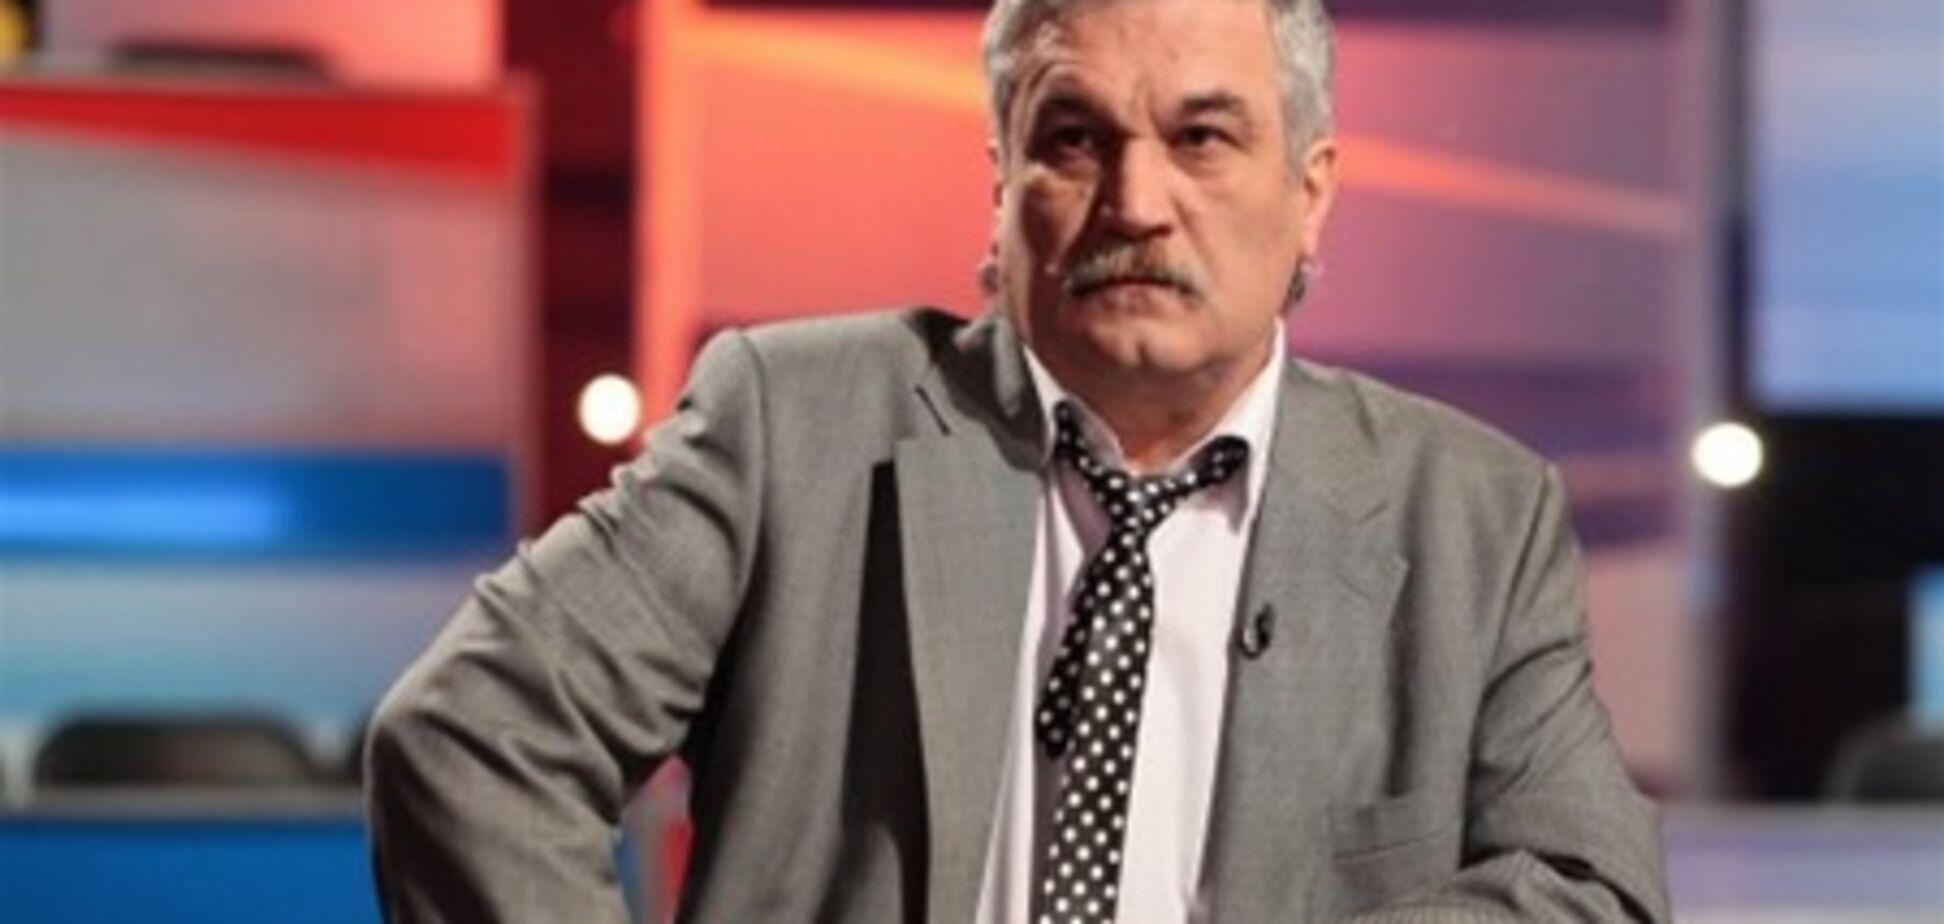 Писателю Шкляру не суждено стать народным депутатом